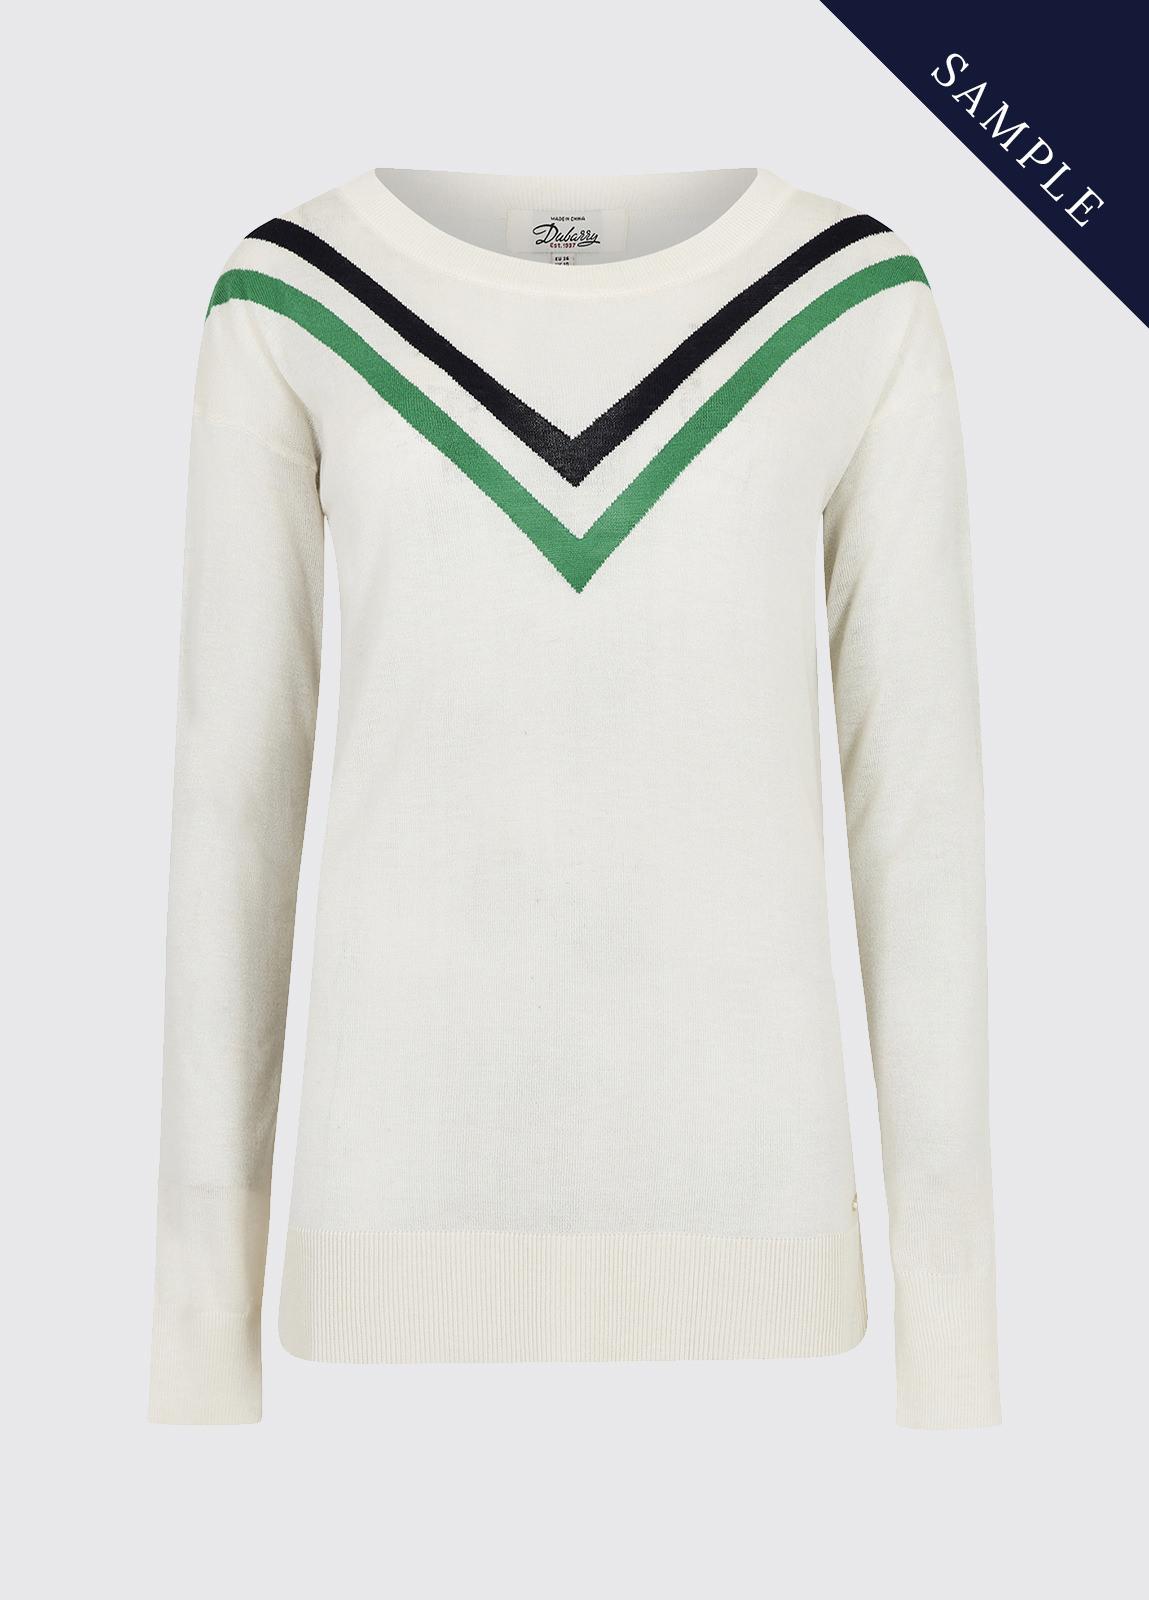 Ballybrit Sweater - White - EU 36